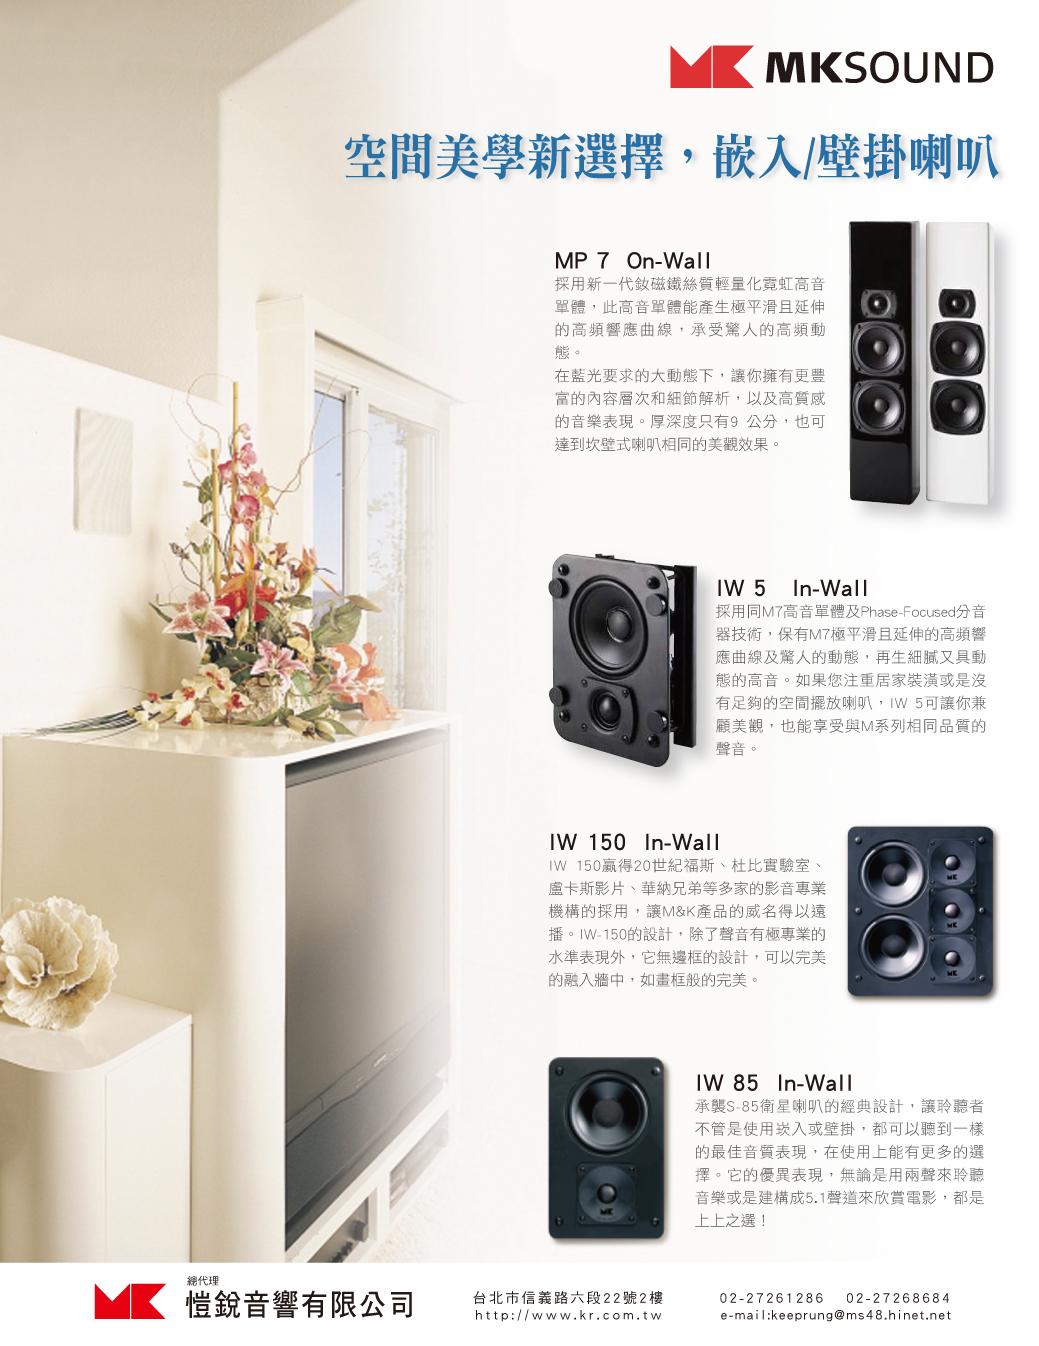 M&K SOUND「空間美學新選擇,崁入/壁掛喇叭」DM